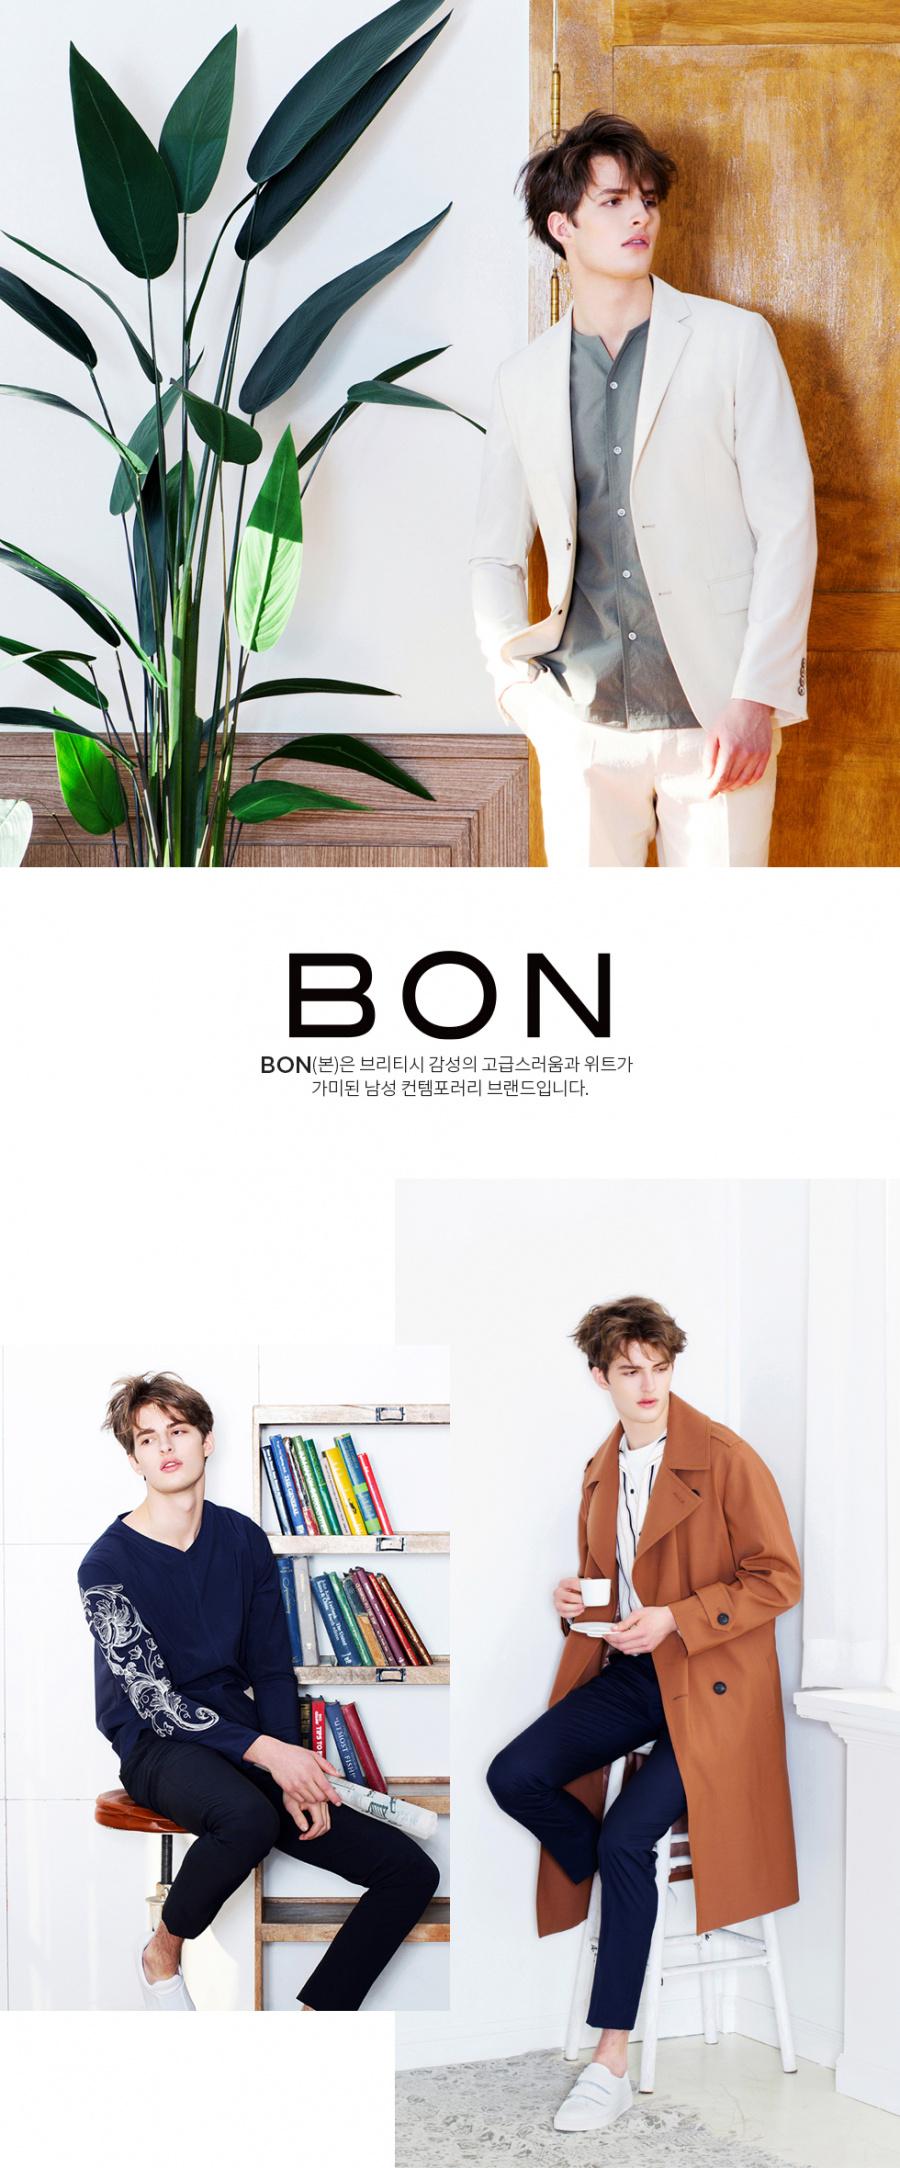 본(BON) 블랙 조직물 하이스트레치 슬림핏  싱글 투 버튼 캐주얼자켓